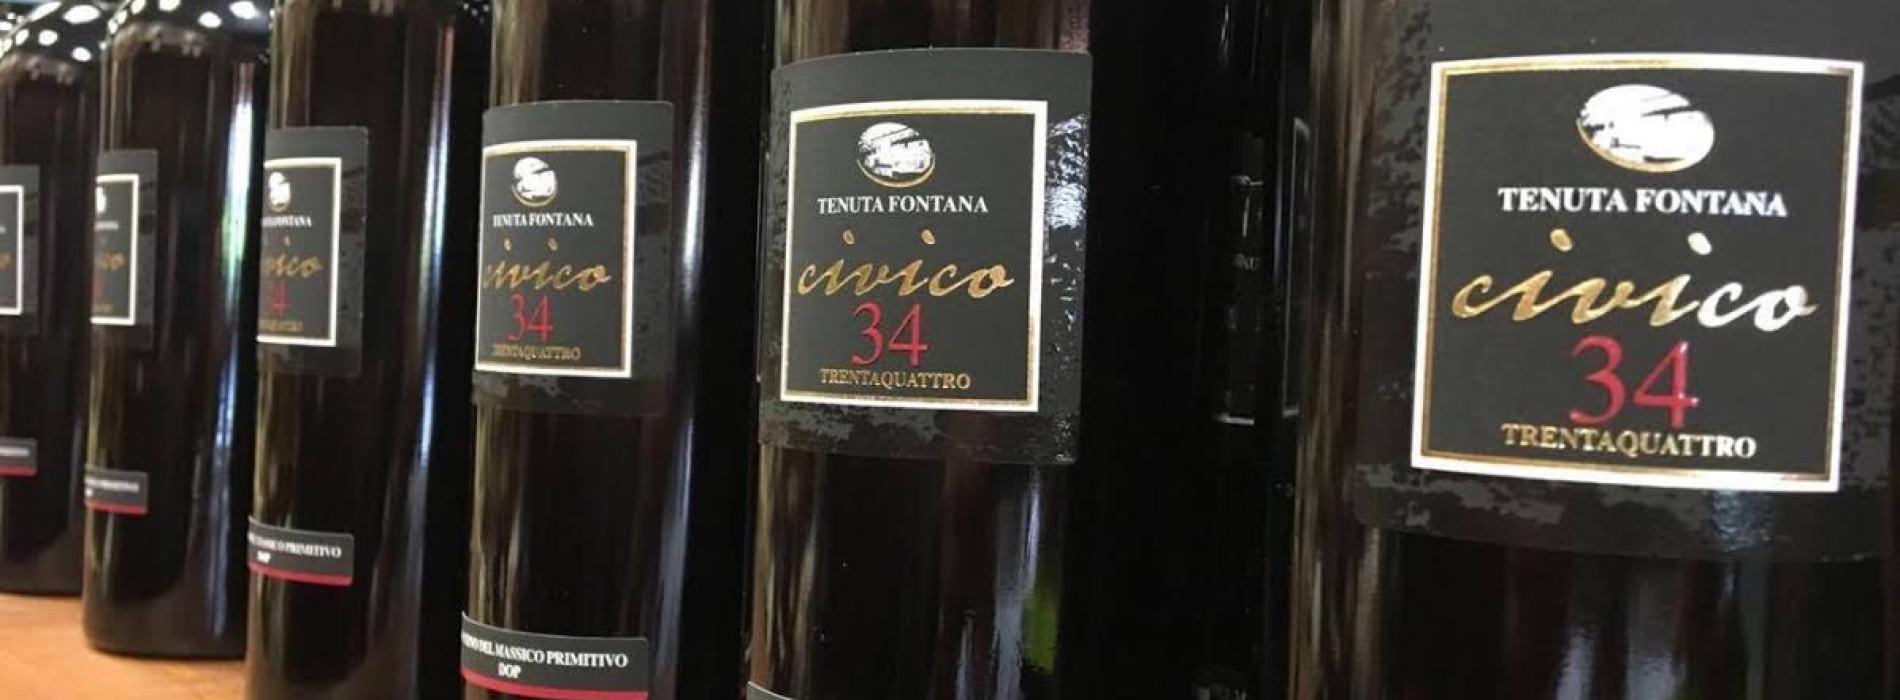 I vini di Tenuta Fontana in tavola a Casa di Miss Italia